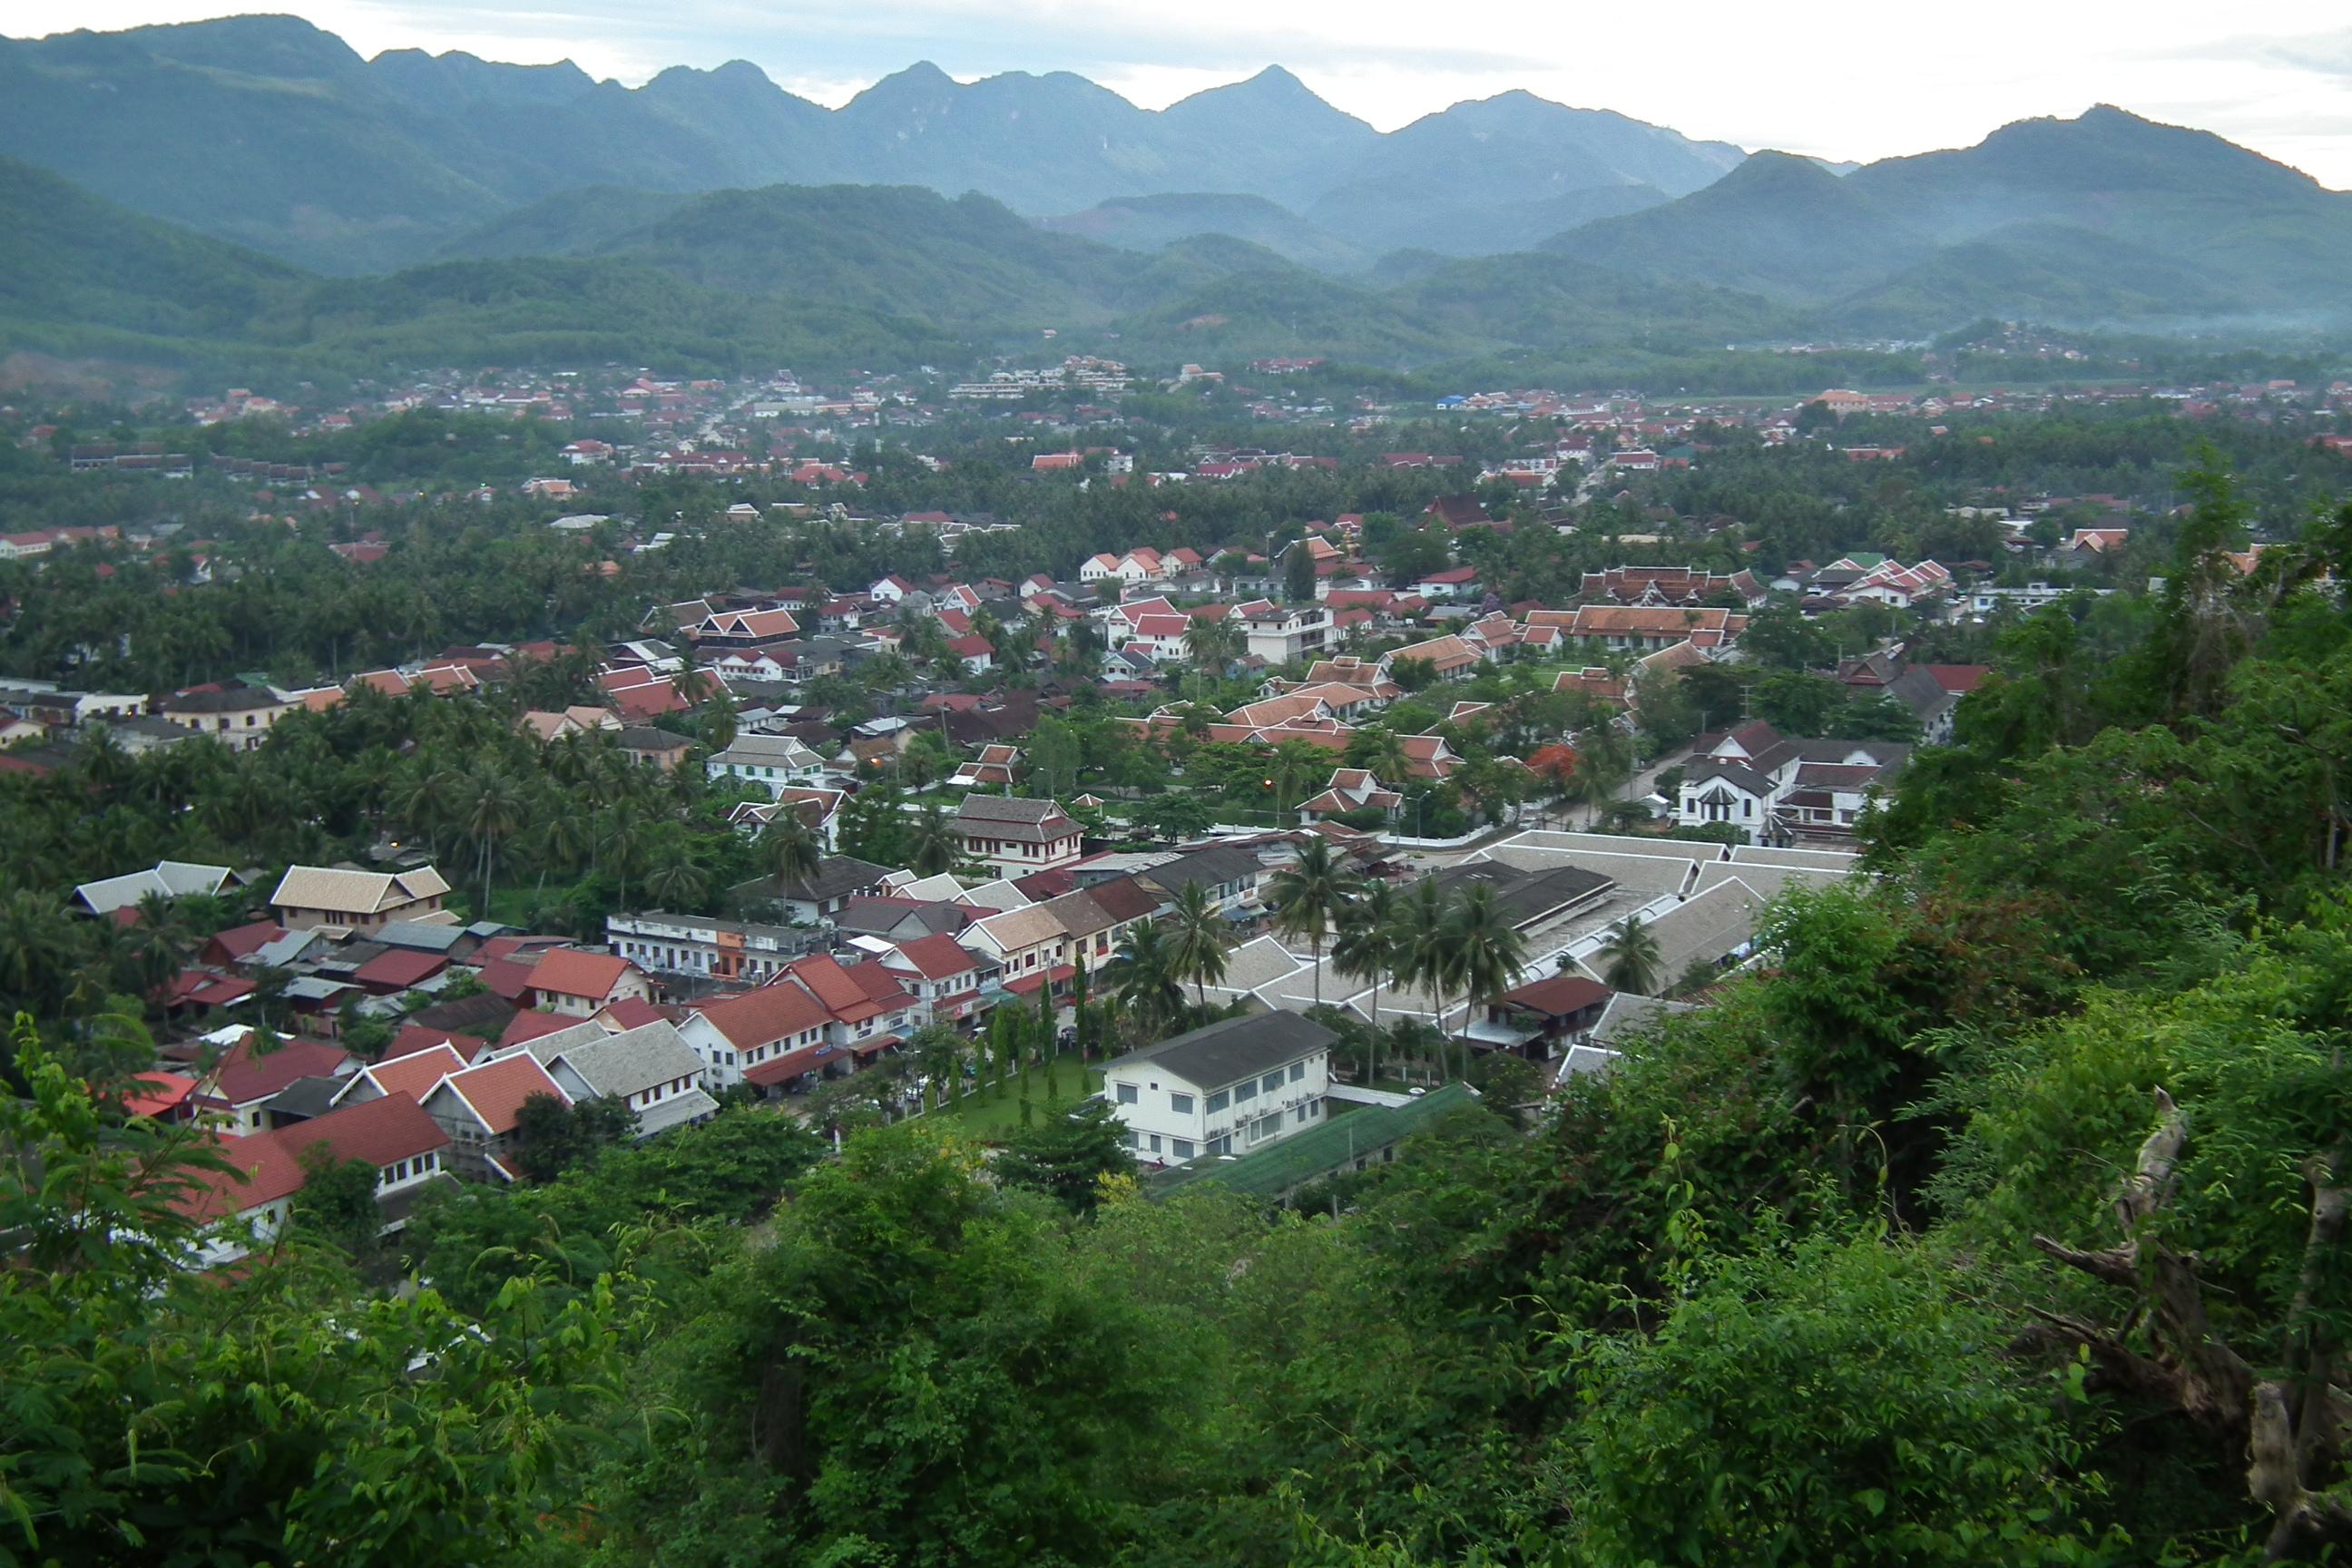 Phou Si Luang Prabang Laos